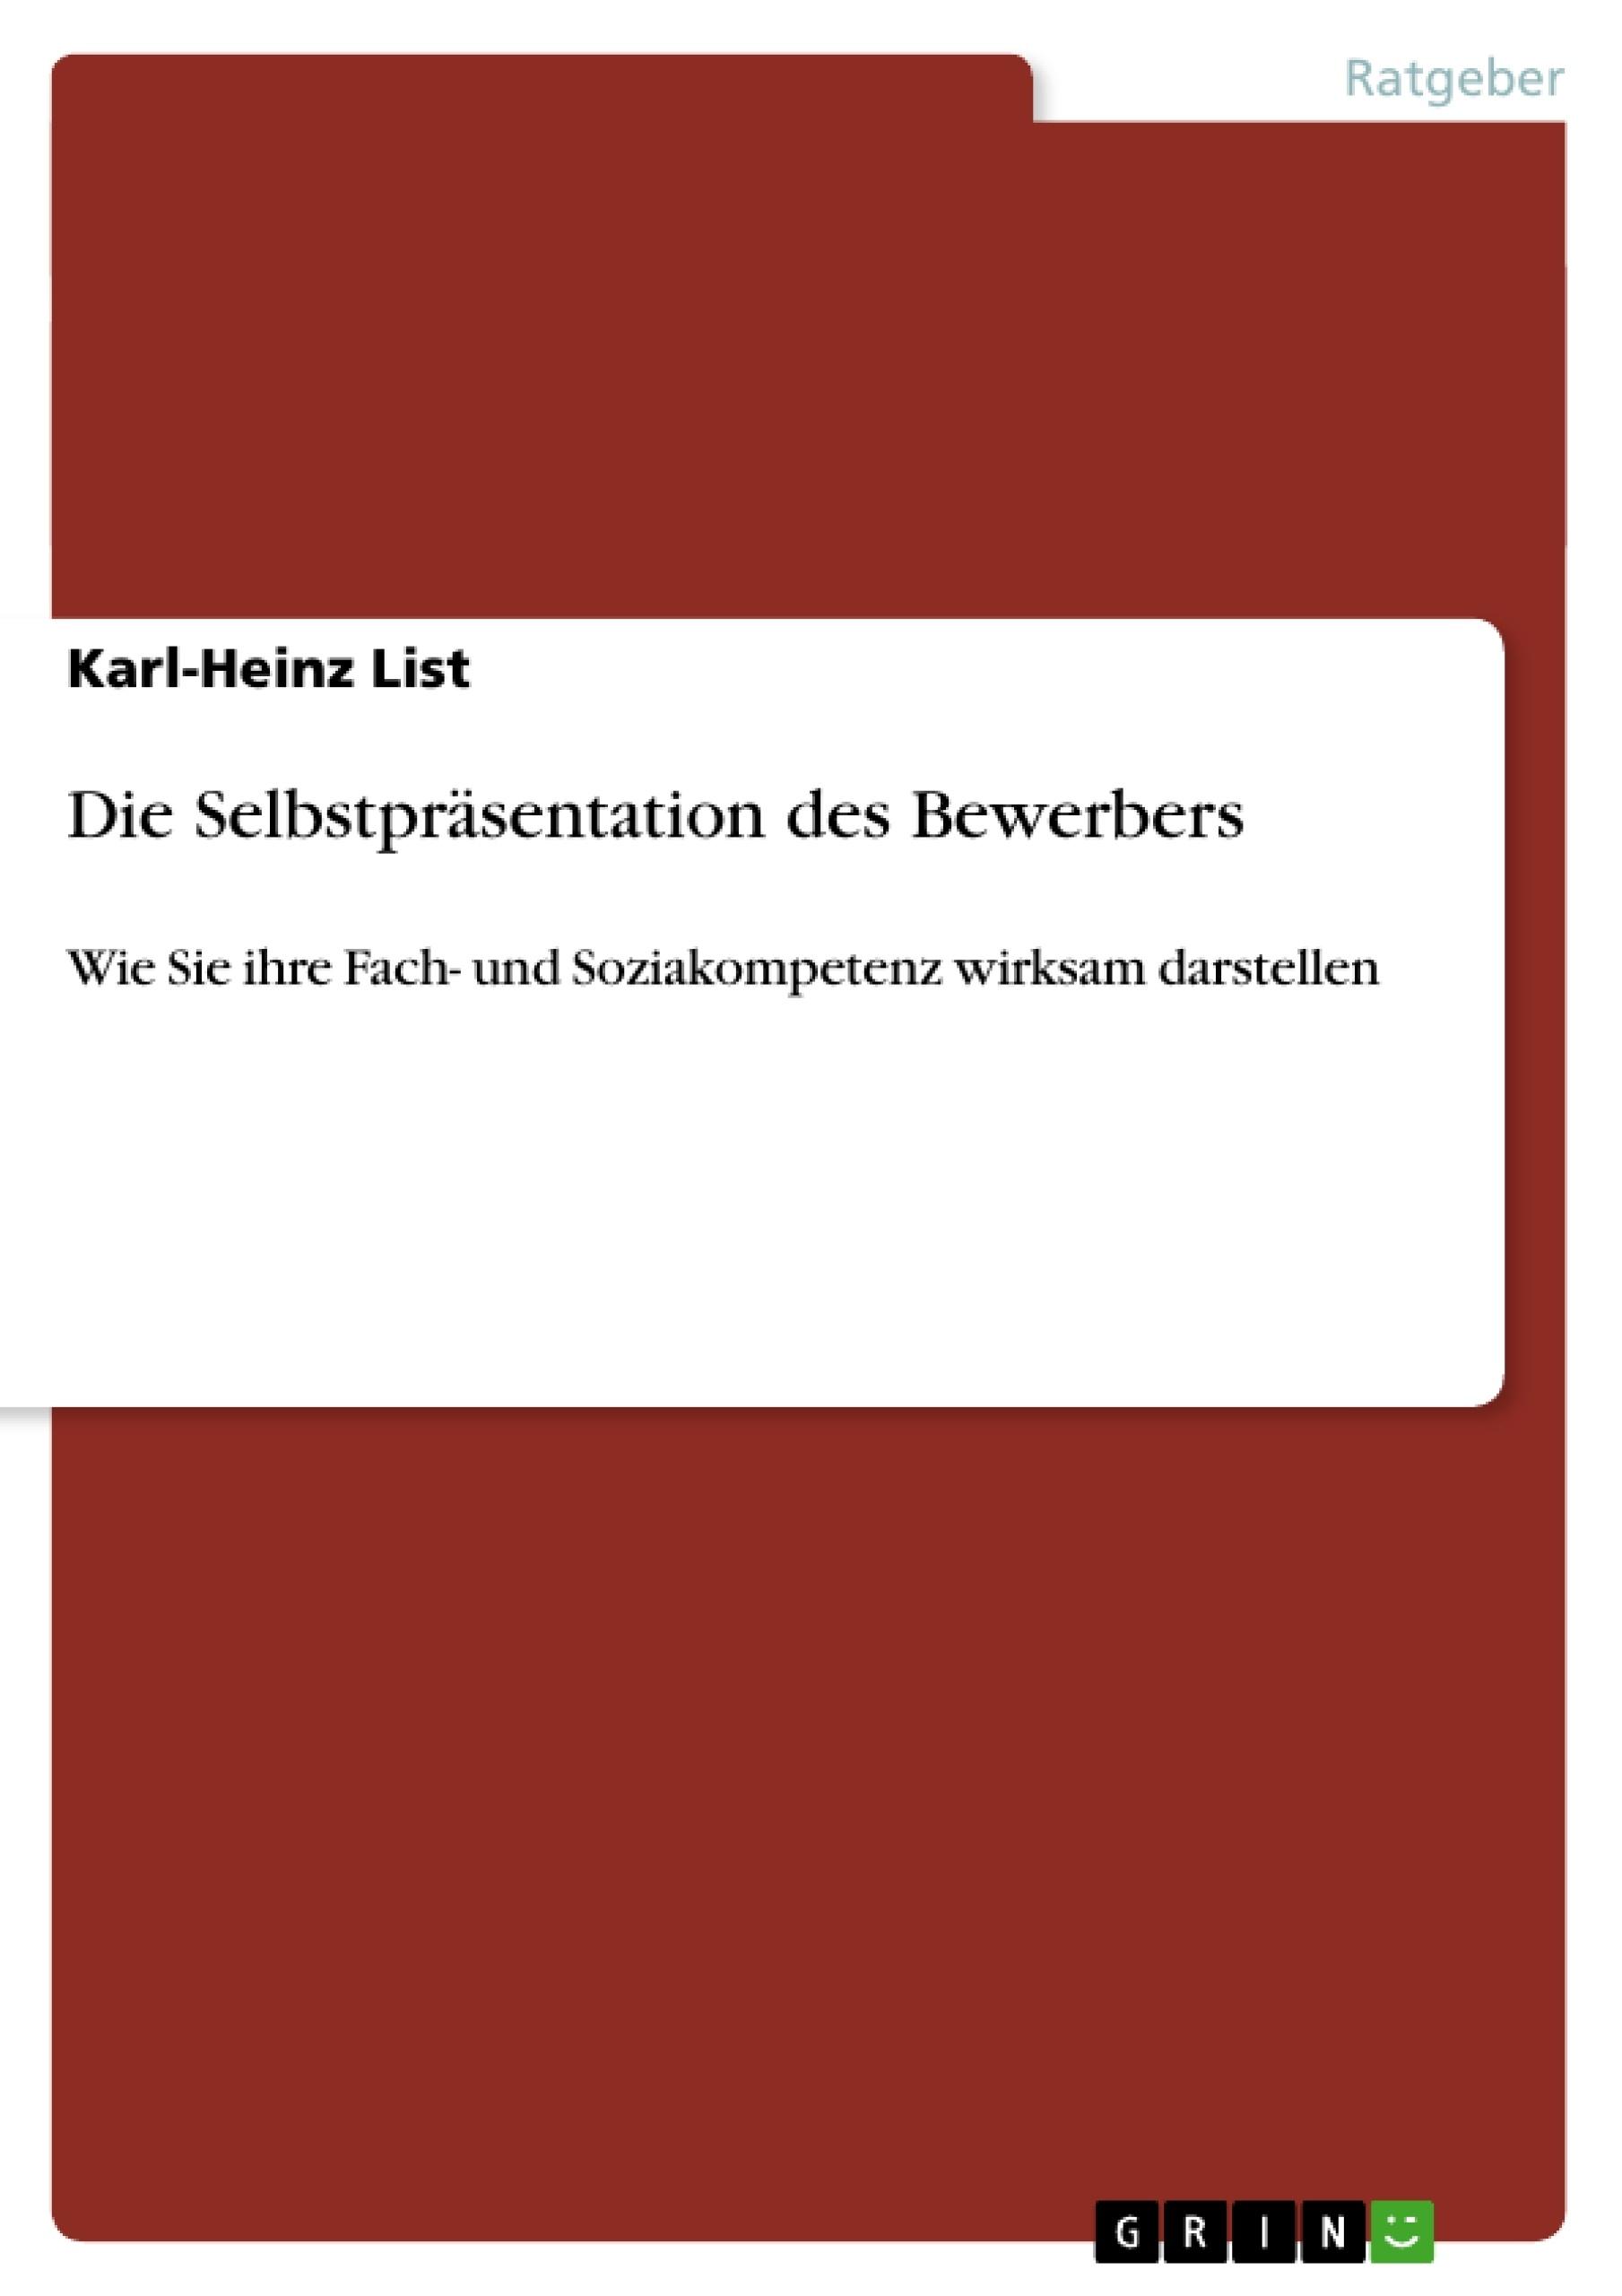 Die Selbstpräsentation des Bewerbers | Masterarbeit, Hausarbeit ...